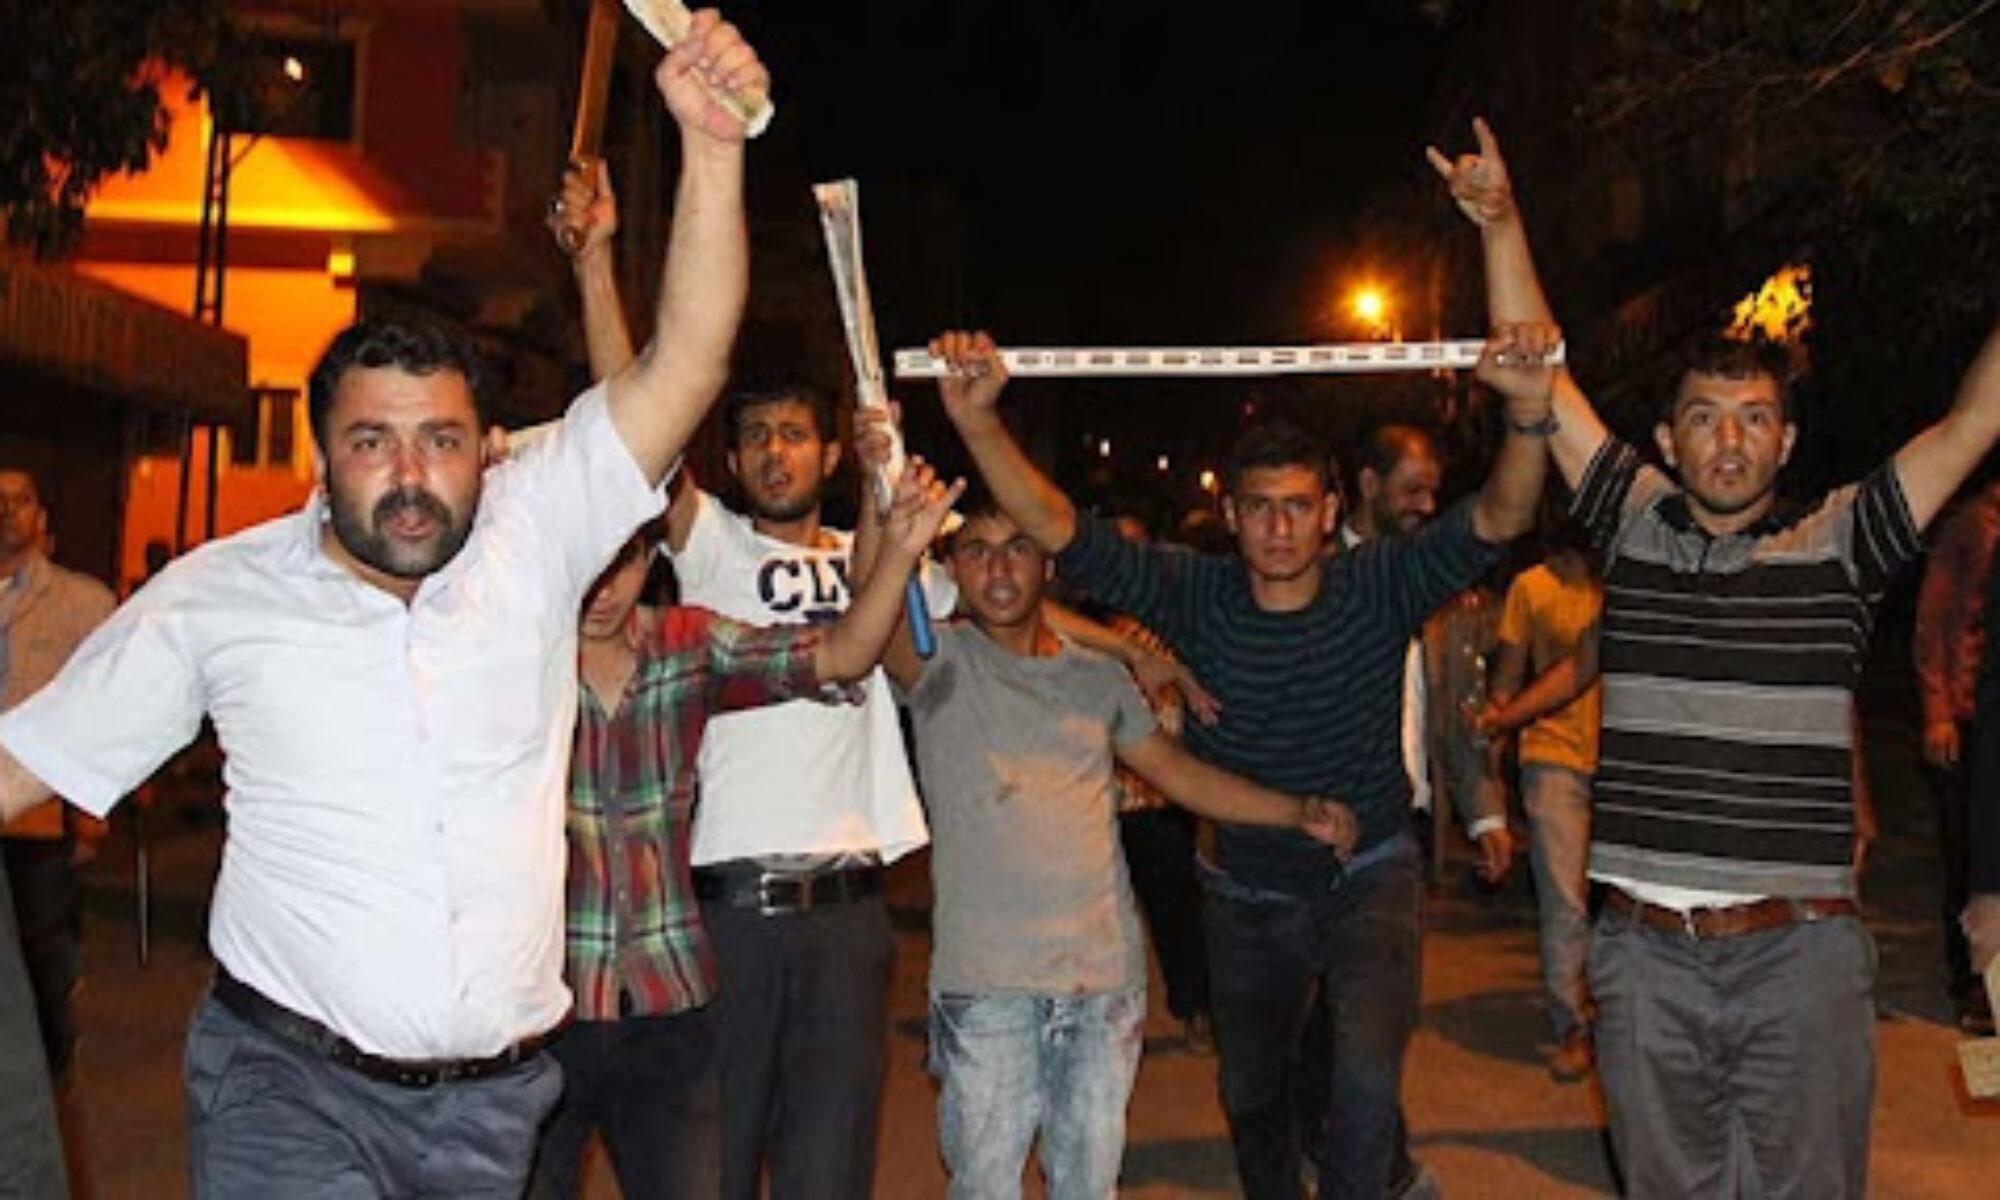 Antalya'da Irkçı saldıraganlardan Kürt aileye: Yarın akşama kadar burayı terk etmezseniz sizi yakacağız Elmalı